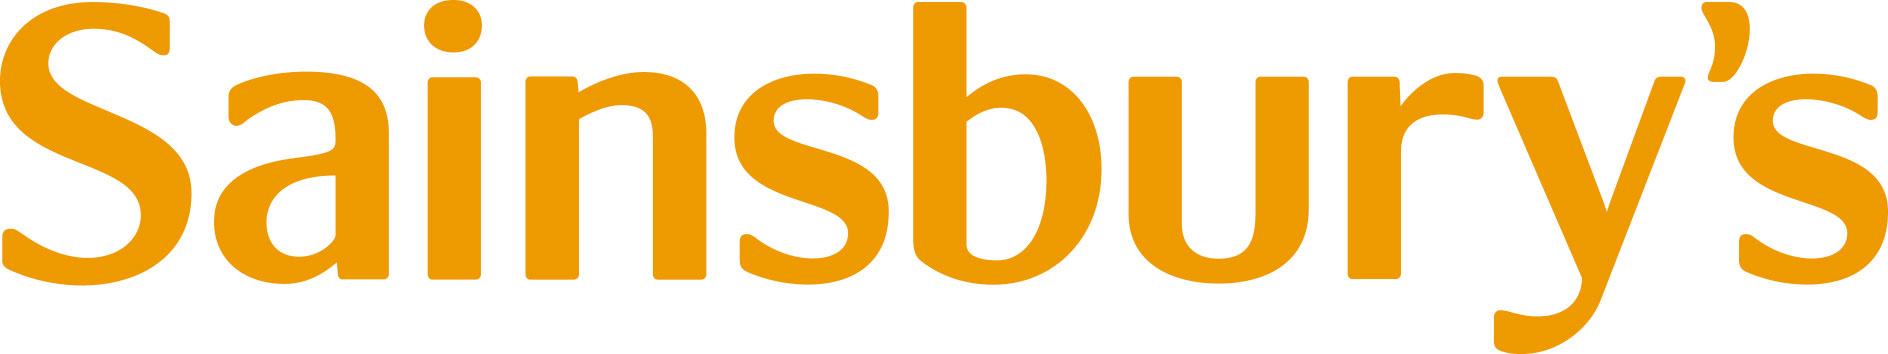 sainsbury_logo.jpg